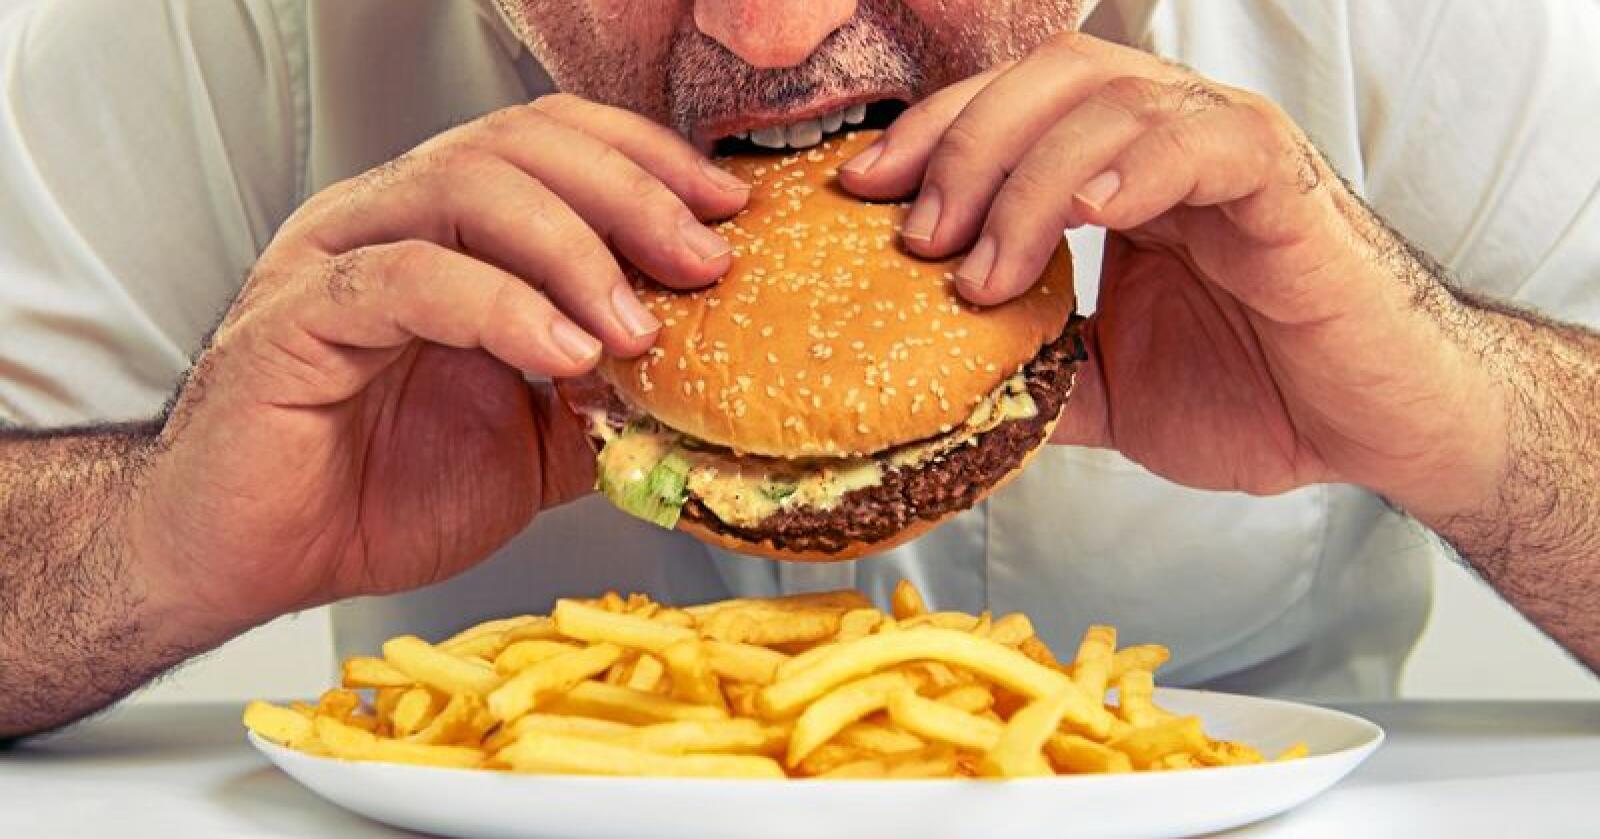 Forbrukerrådet ønsker endringer i regelverket for reklame av usunn mat rettet mot unge. Foto: colourbox